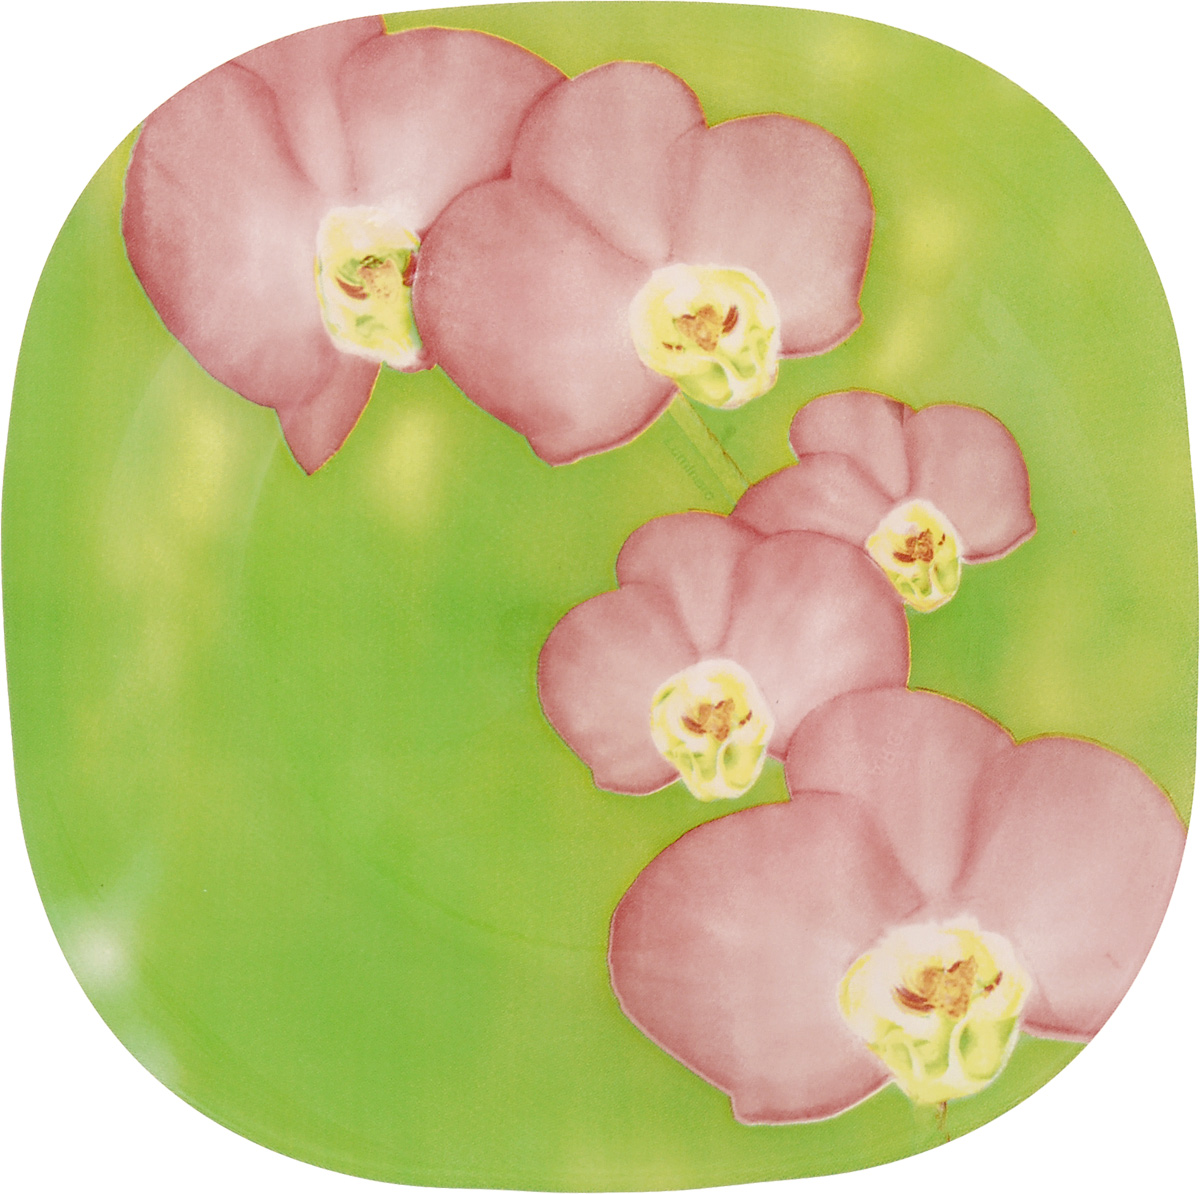 Тарелка десертная Luminarc Carina Erine, 18 х 18 см54 009312Десертная тарелка Luminarc Carina Erine, изготовленная из ударопрочного стекла, декорирована ярким рисунком. Такая тарелка прекрасно подходит как для торжественных случаев, так и для повседневного использования. Идеальна для подачи десертов, пирожных, тортов и многого другого. Она прекрасно оформит стол и станет отличным дополнением к вашей коллекции кухонной посуды. Размер тарелки (по верхнему краю): 18 см.